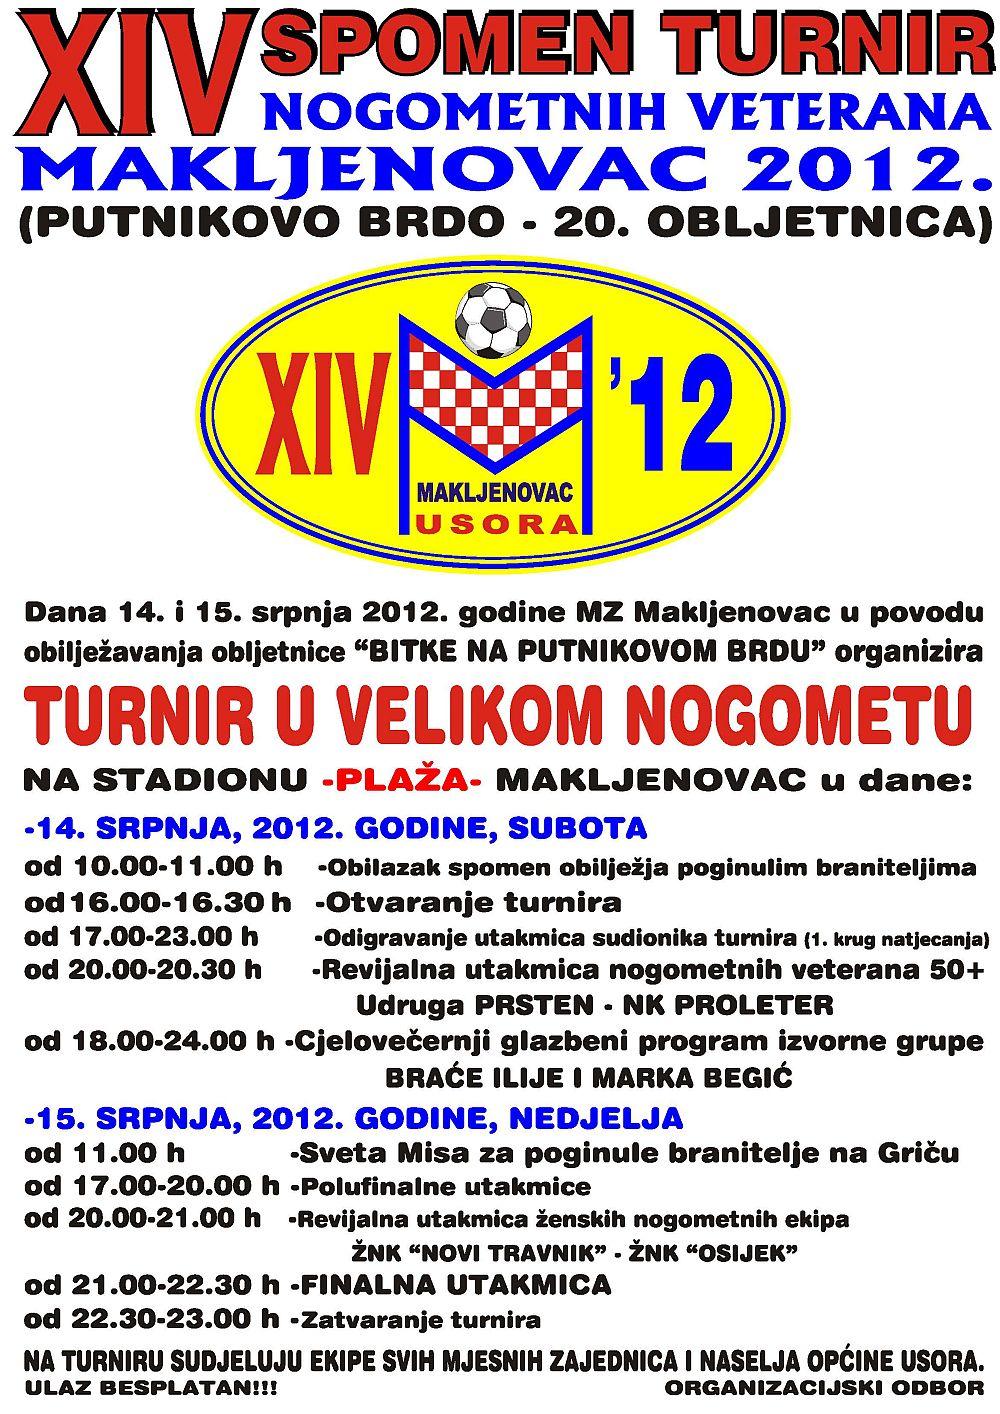 veterani makljenovac_12